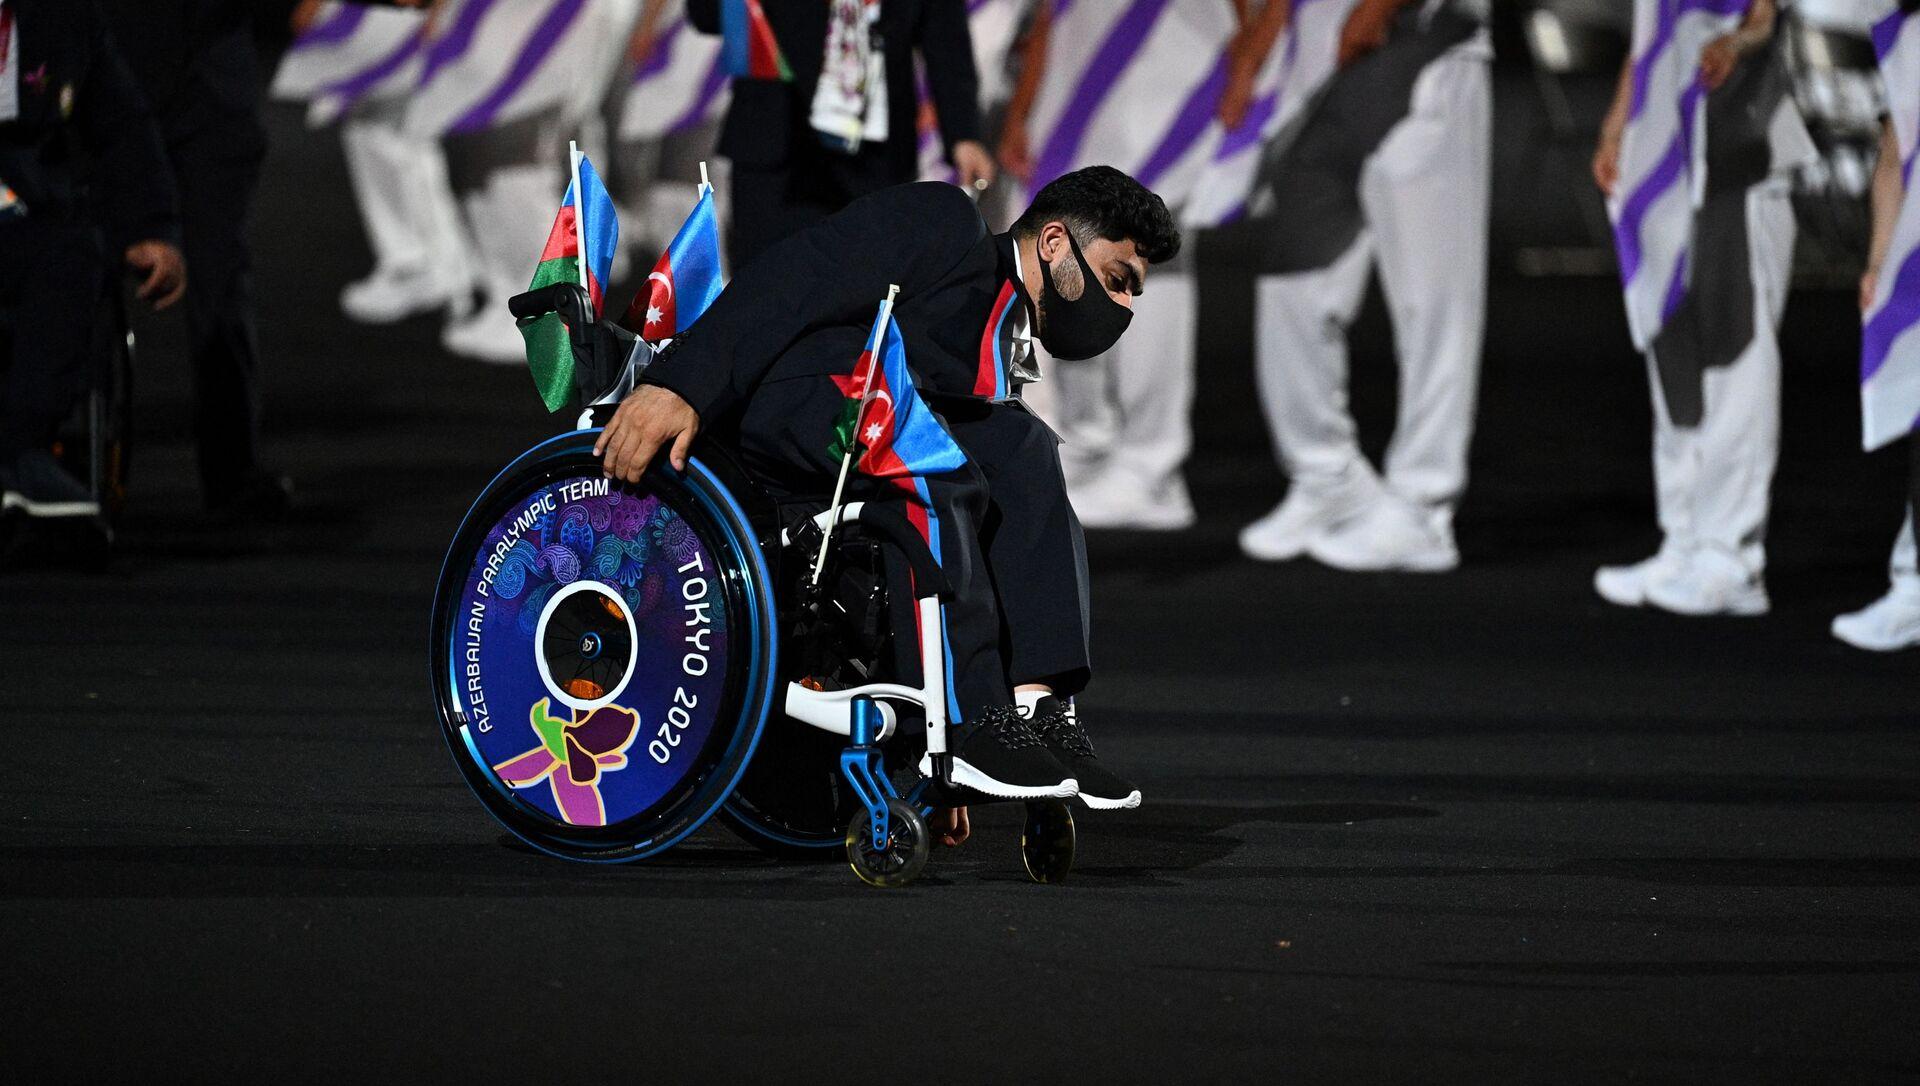 Член сборной Азербайджана прибыл на церемонию открытия Паралимпийских игр 2020 года в Токио в Токио 24 августа 2021 года - Sputnik Азербайджан, 1920, 30.08.2021